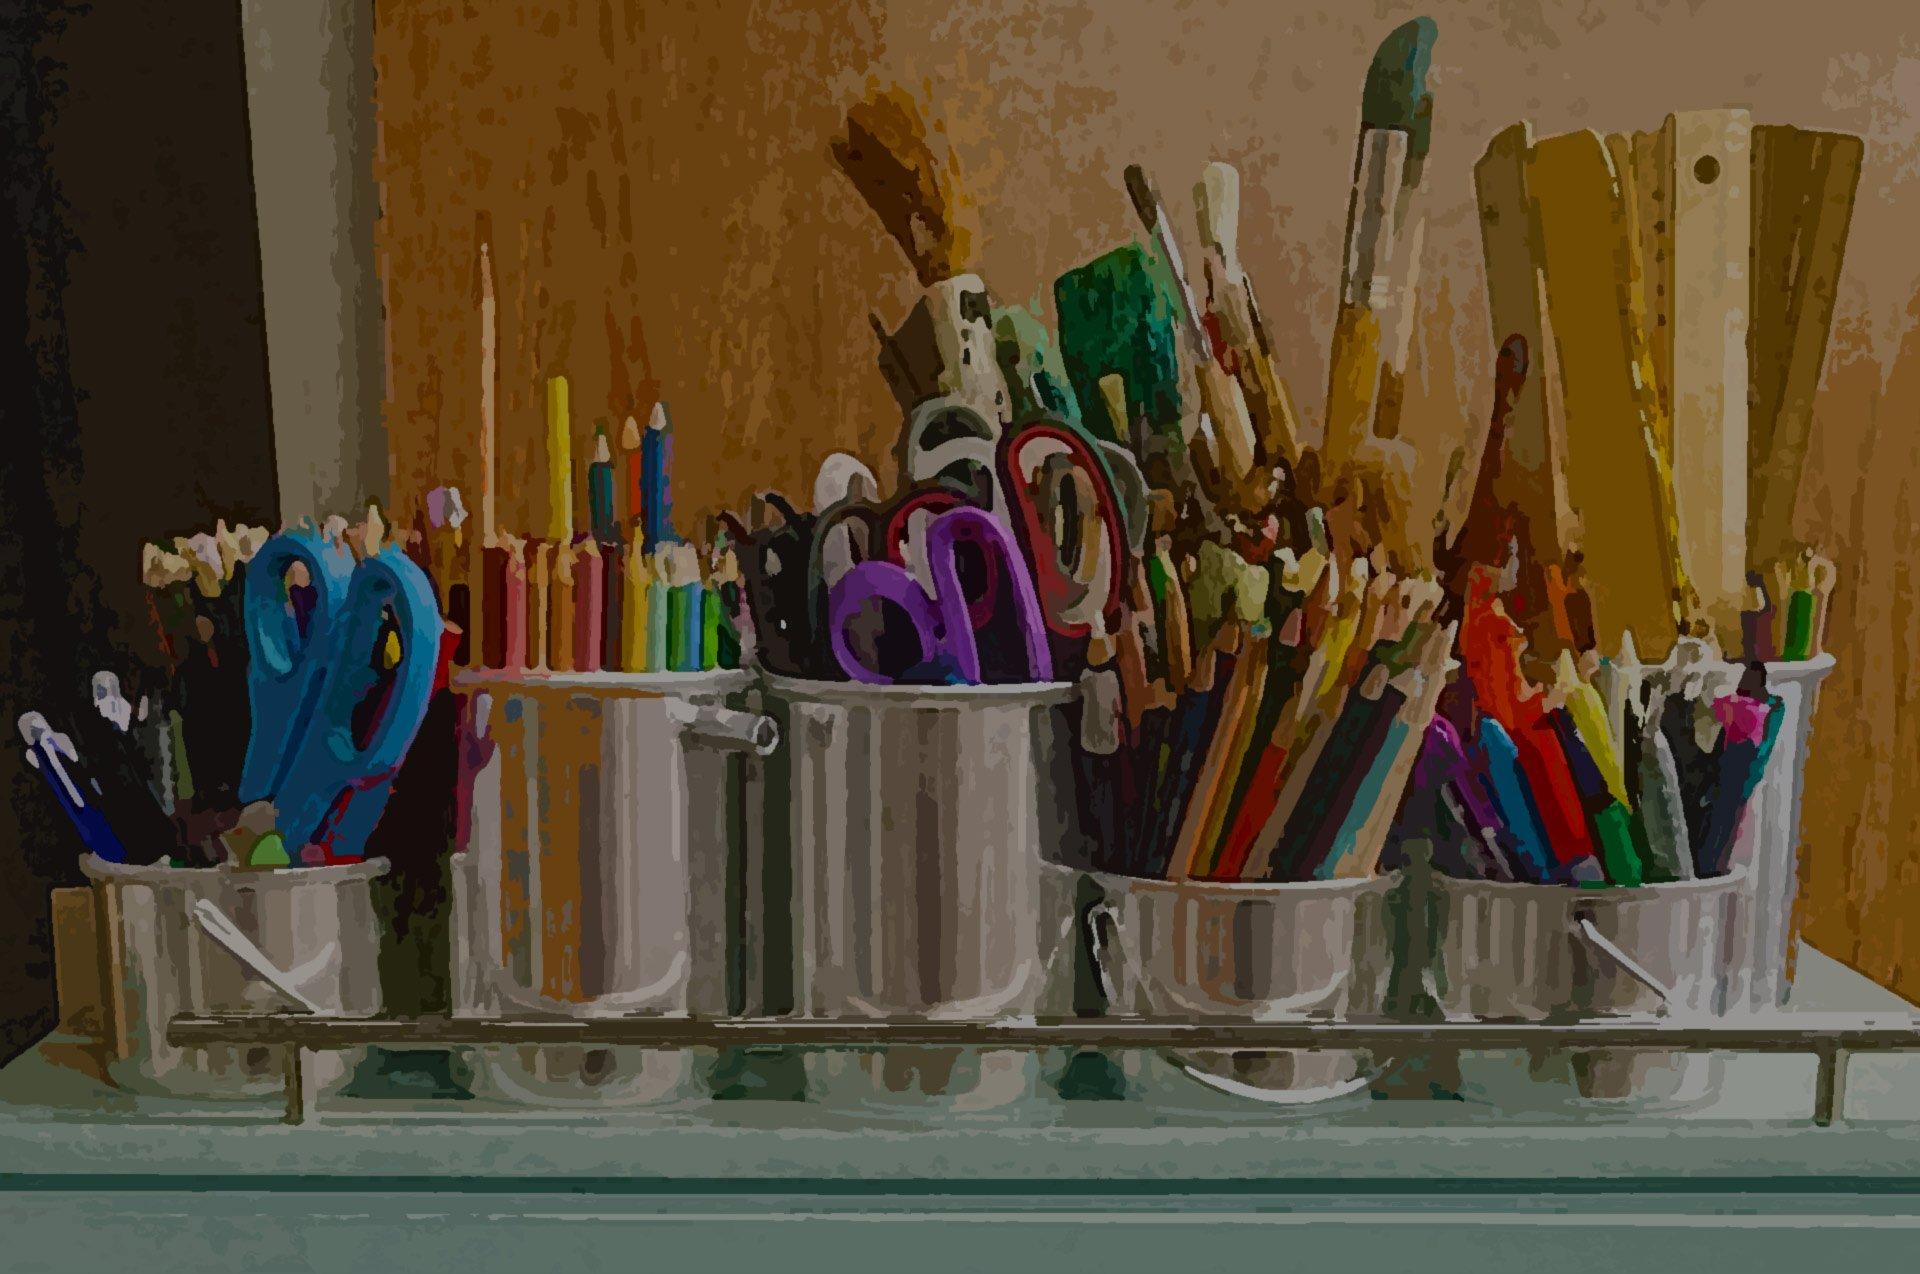 blog-bkg.jpg